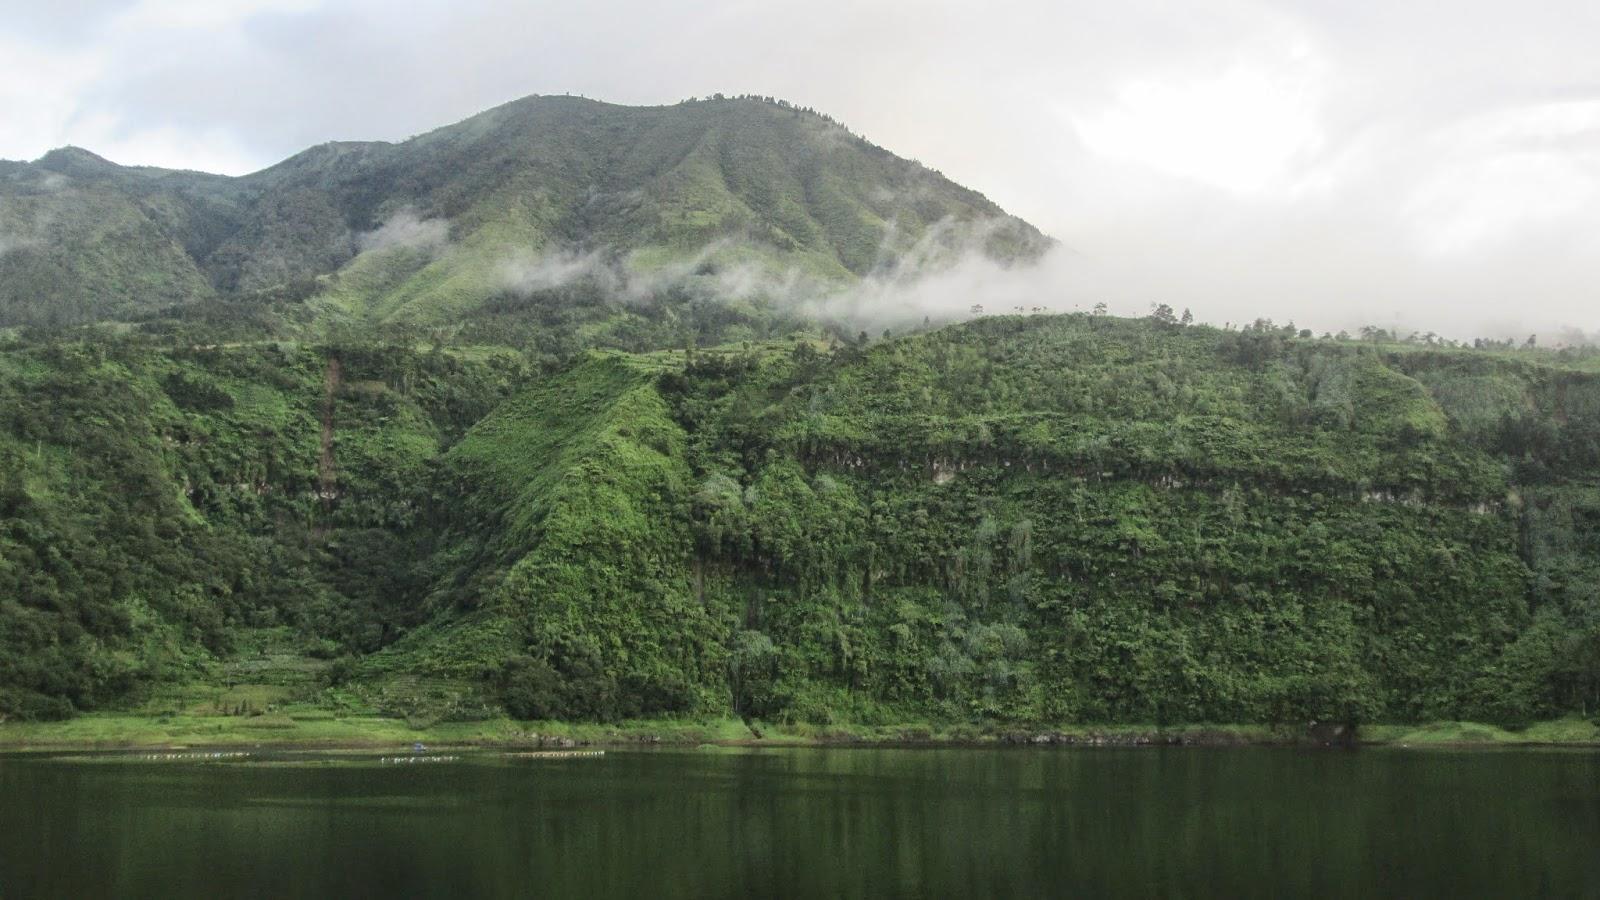 Wisata Alam Seroja Nah Pemandangan Lainnya Panaorama Gunung Gung Menyelimuti